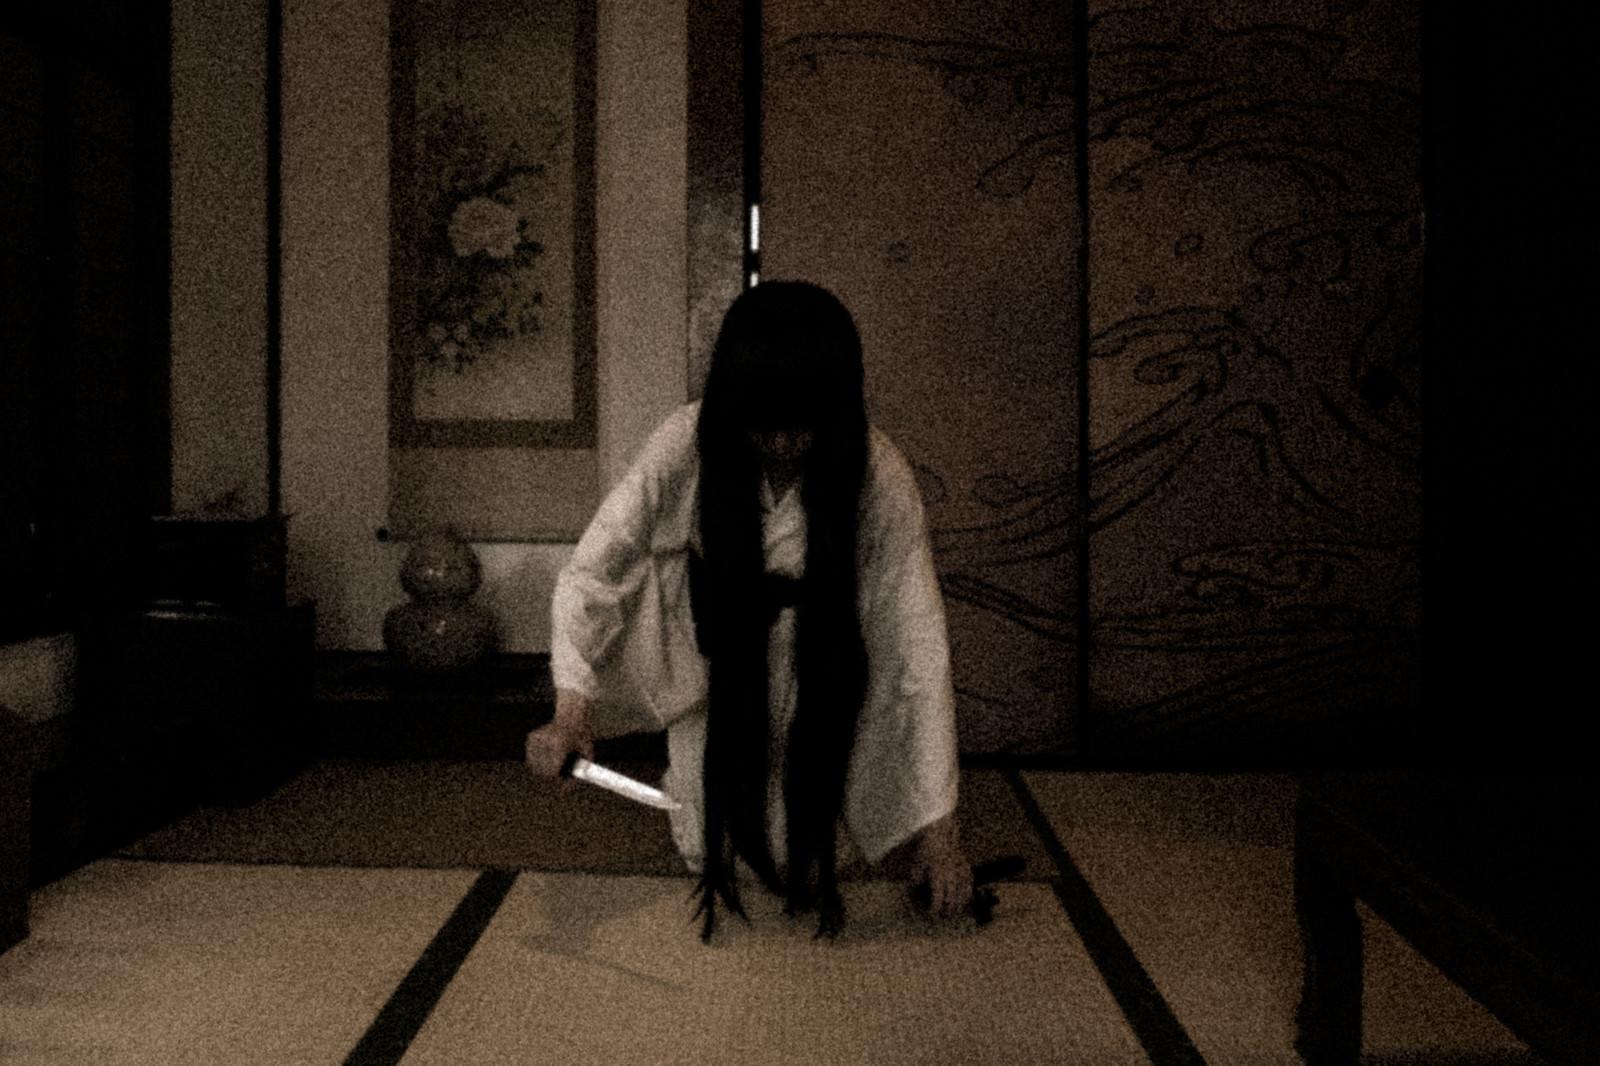 「刃物を持った幽霊が現れた」の写真[モデル:緋真煉]